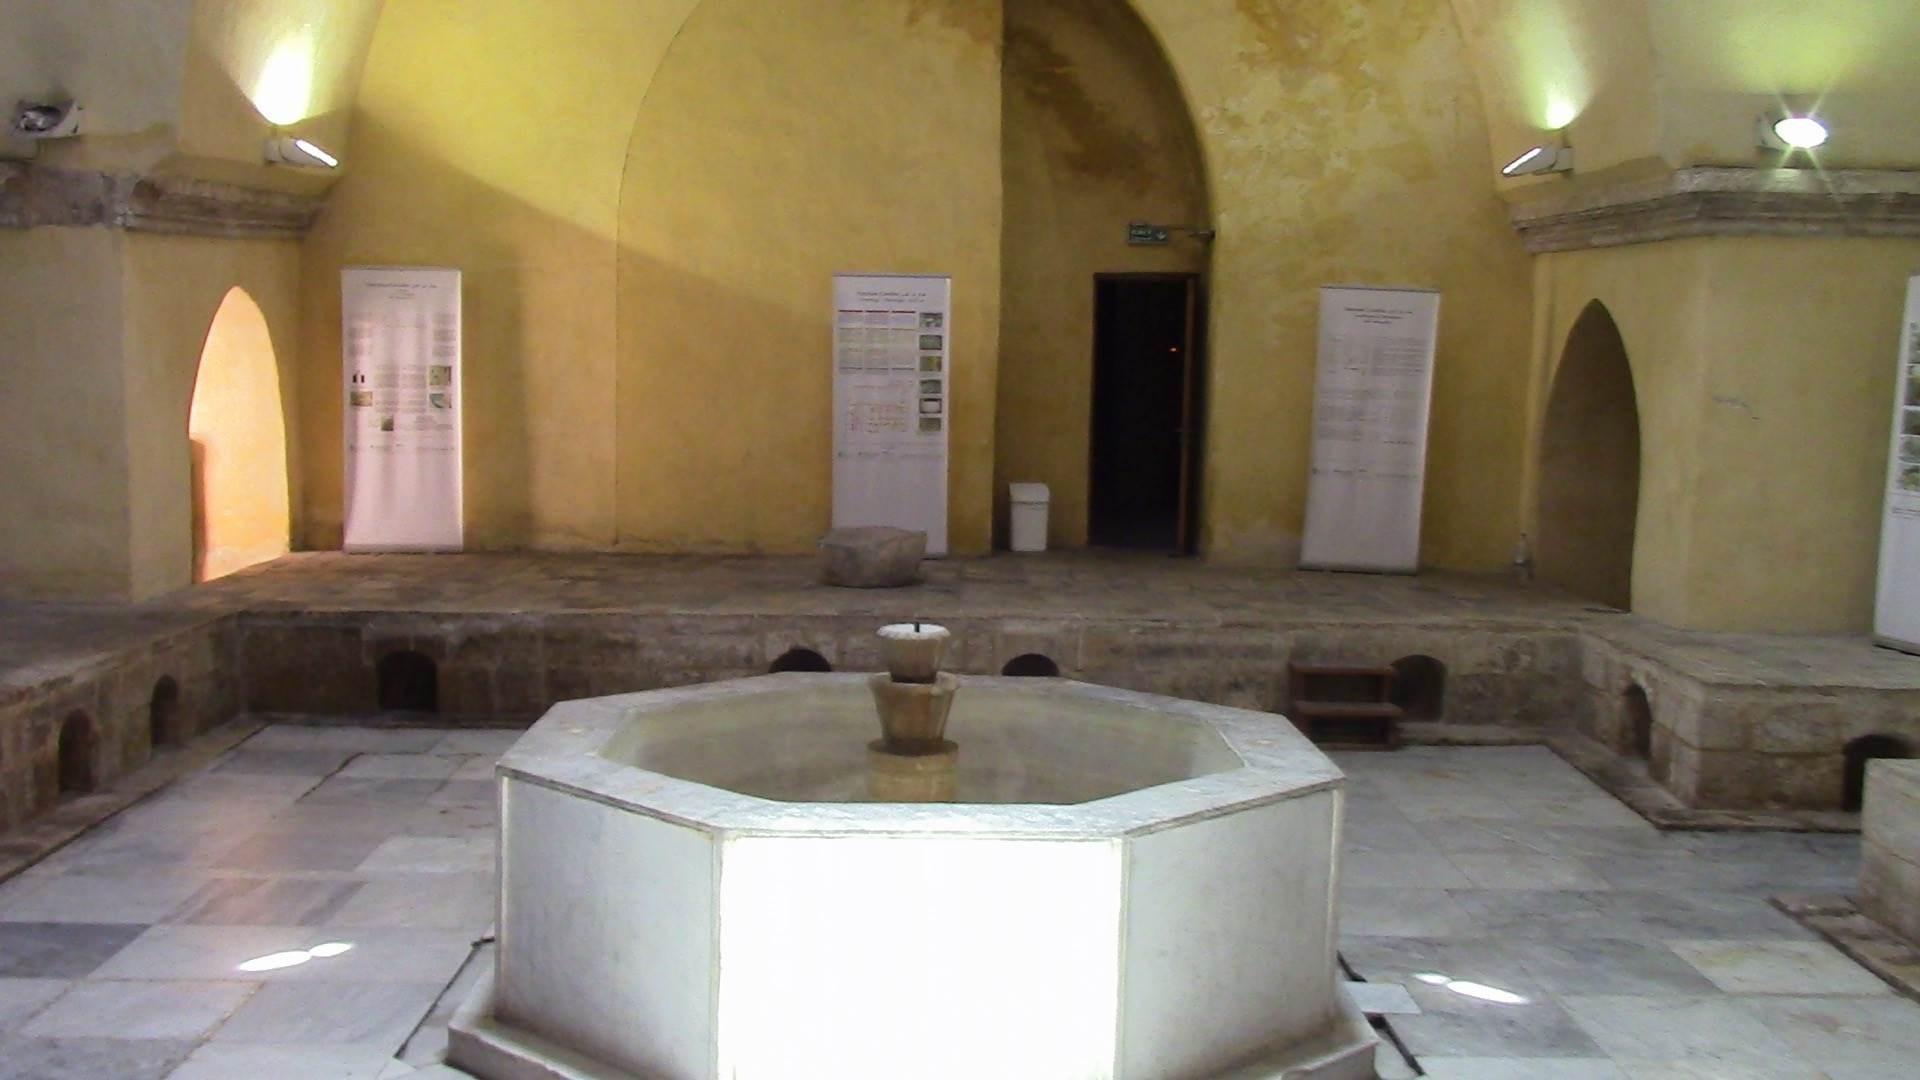 بركة تتوسط صالة الضيافة في حمام عز الدين